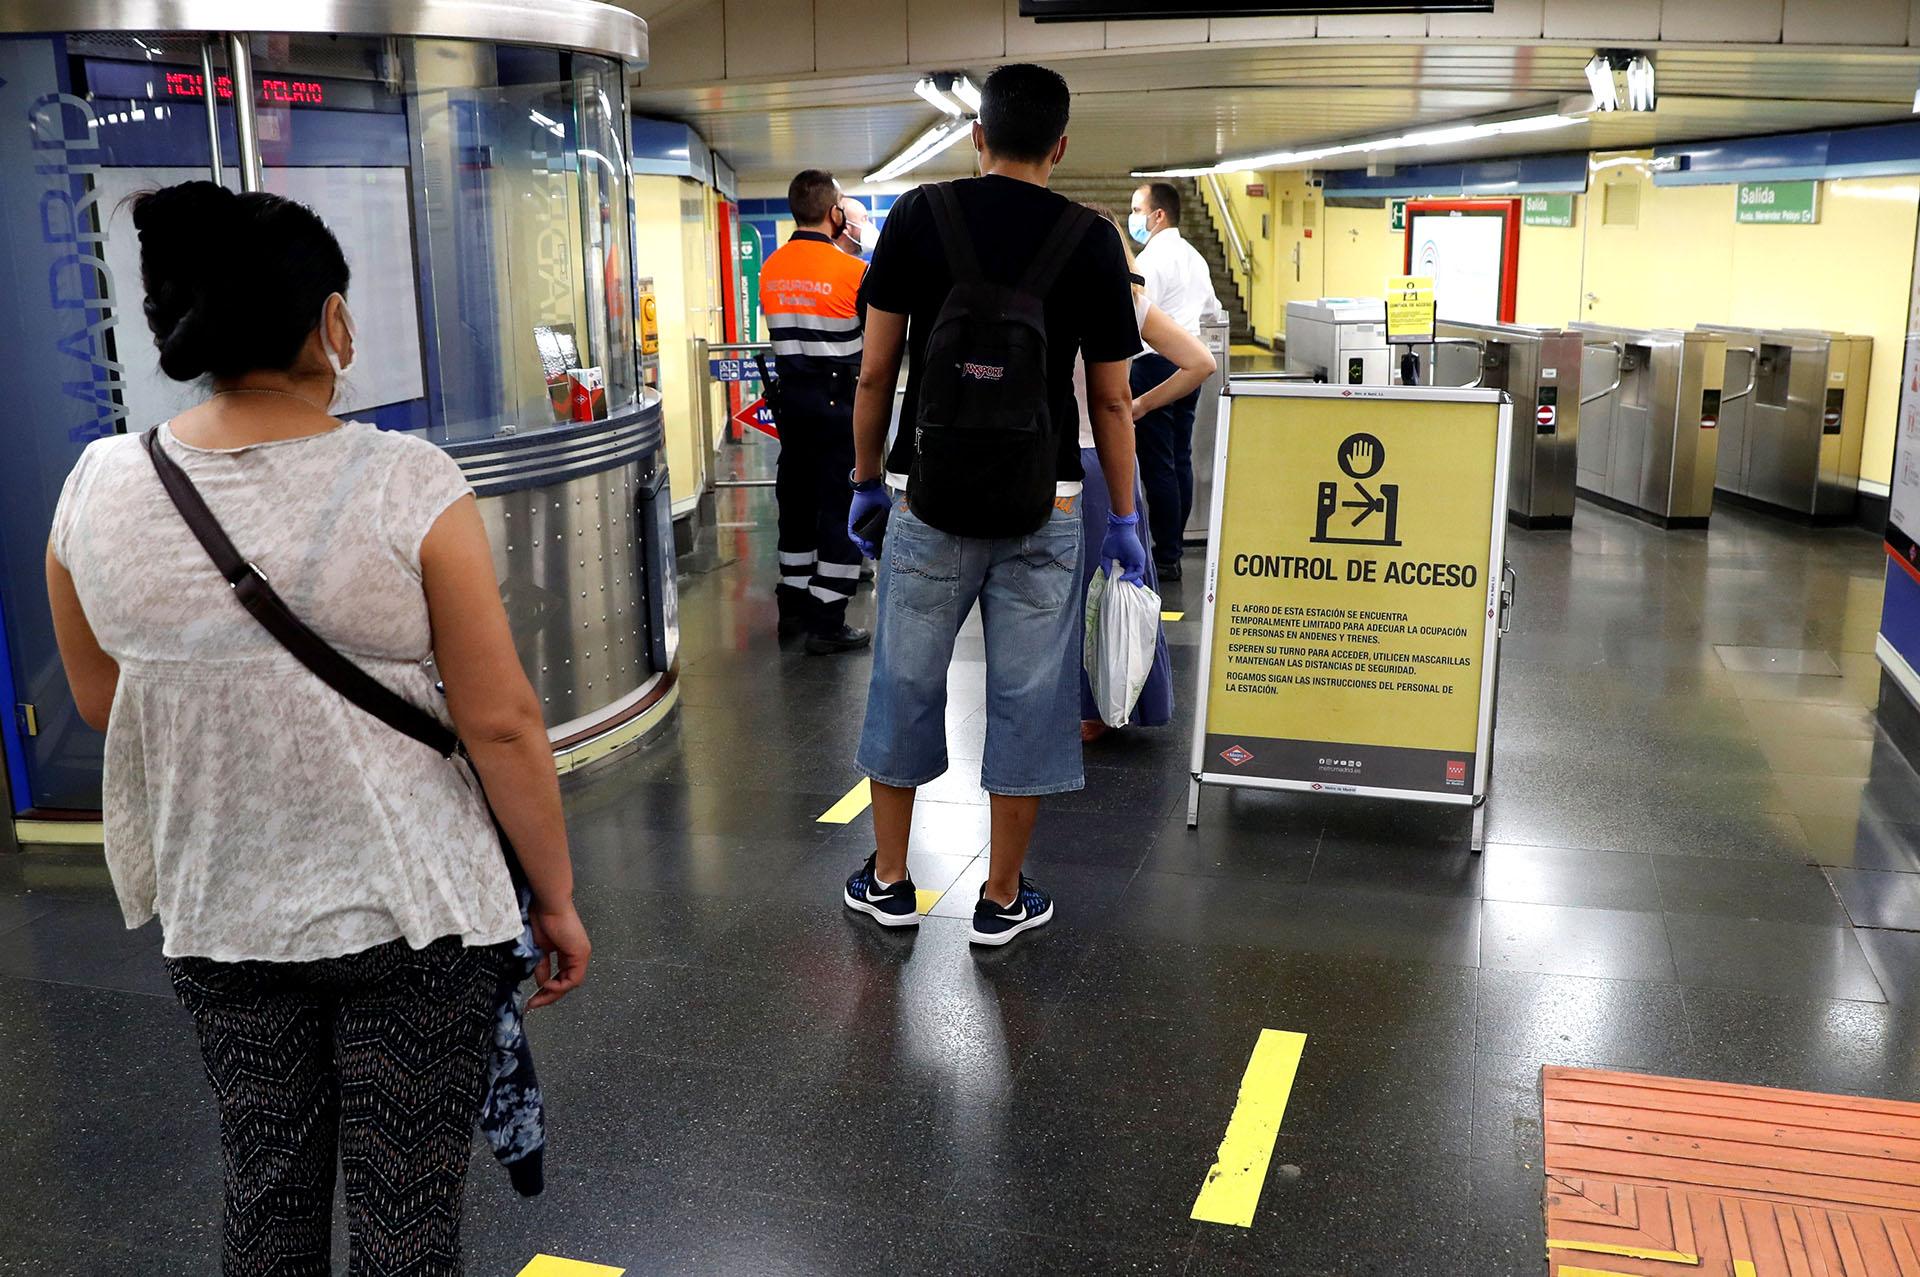 Para atender al previsto incremento de la movilidad, el metro de Madrid incrementará este lunes la frecuencia de trenes y desplegará a unas 200 personas para controlar el aforo, especialmente en las 26 estaciones de mayor afluencia de la red. (EFE/J.J. Guillén)